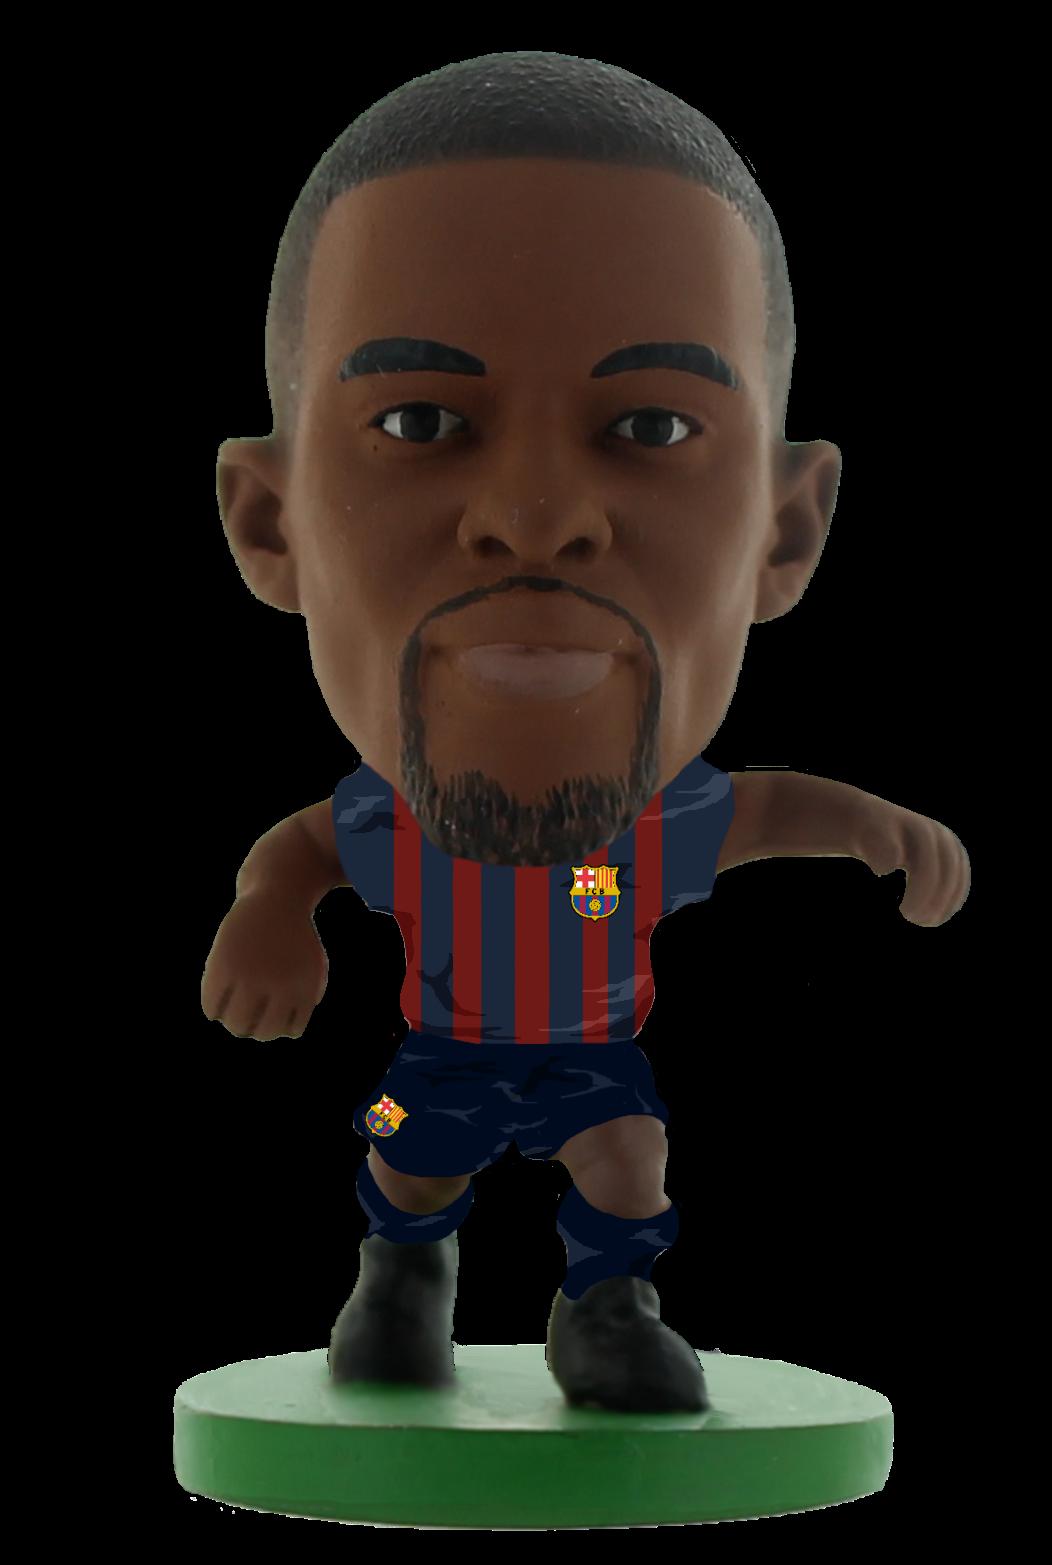 Soccerstarz - Barcelona Nelson Semedo - Home Kit (2019)